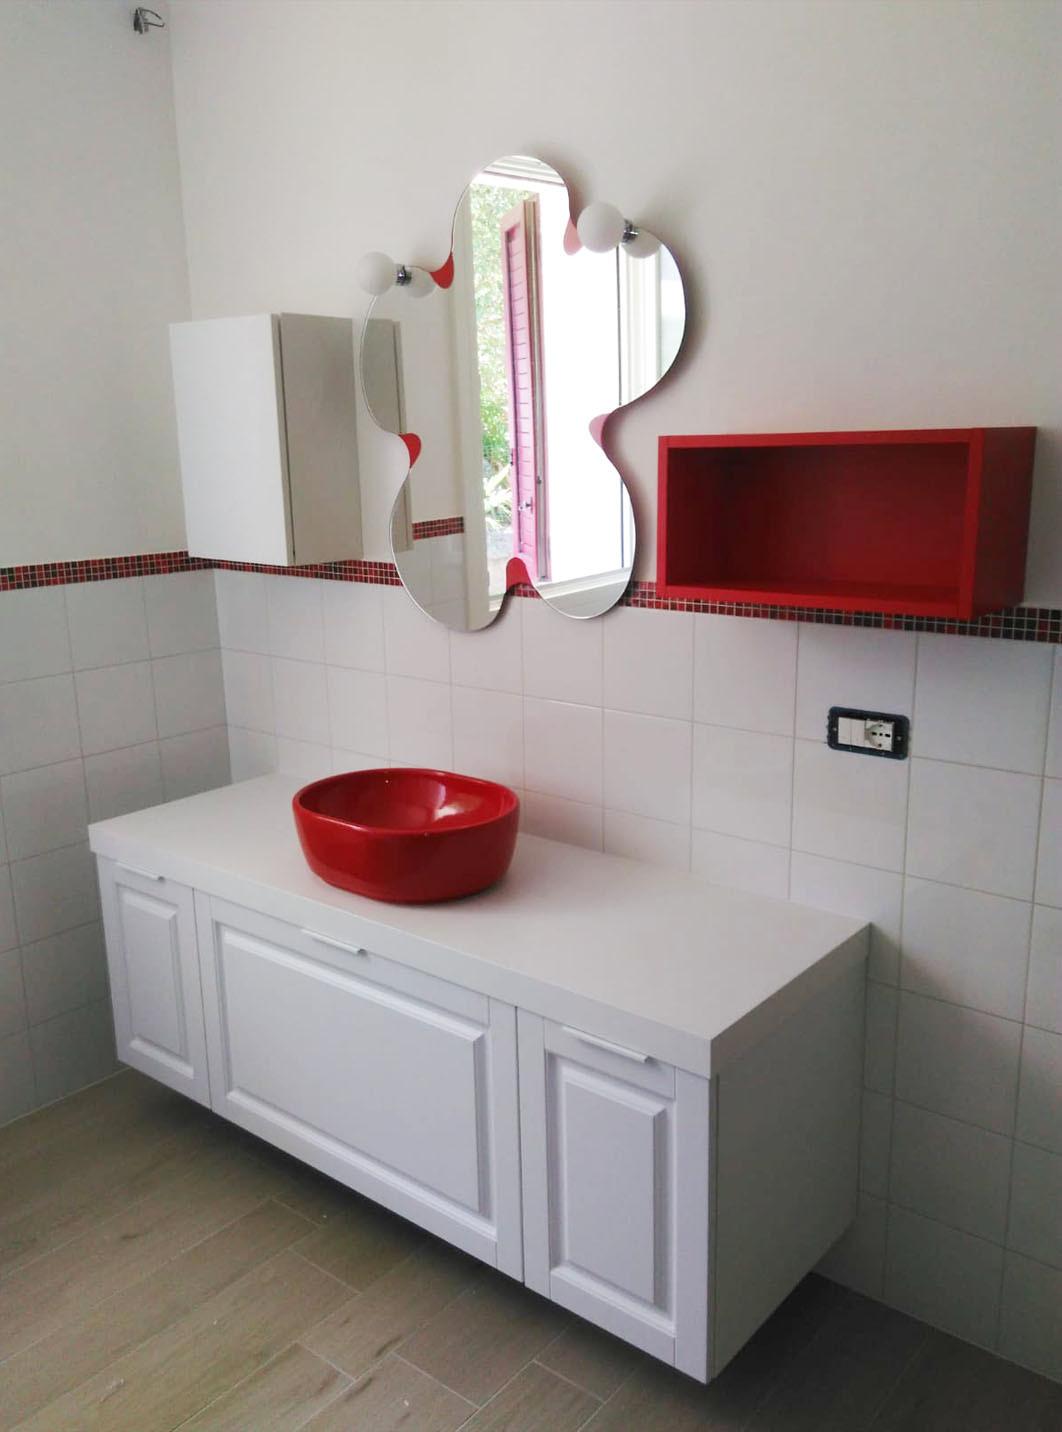 Metroquadro pavimenti rivestimenti e arredo bagno a for Arredo bagno padova